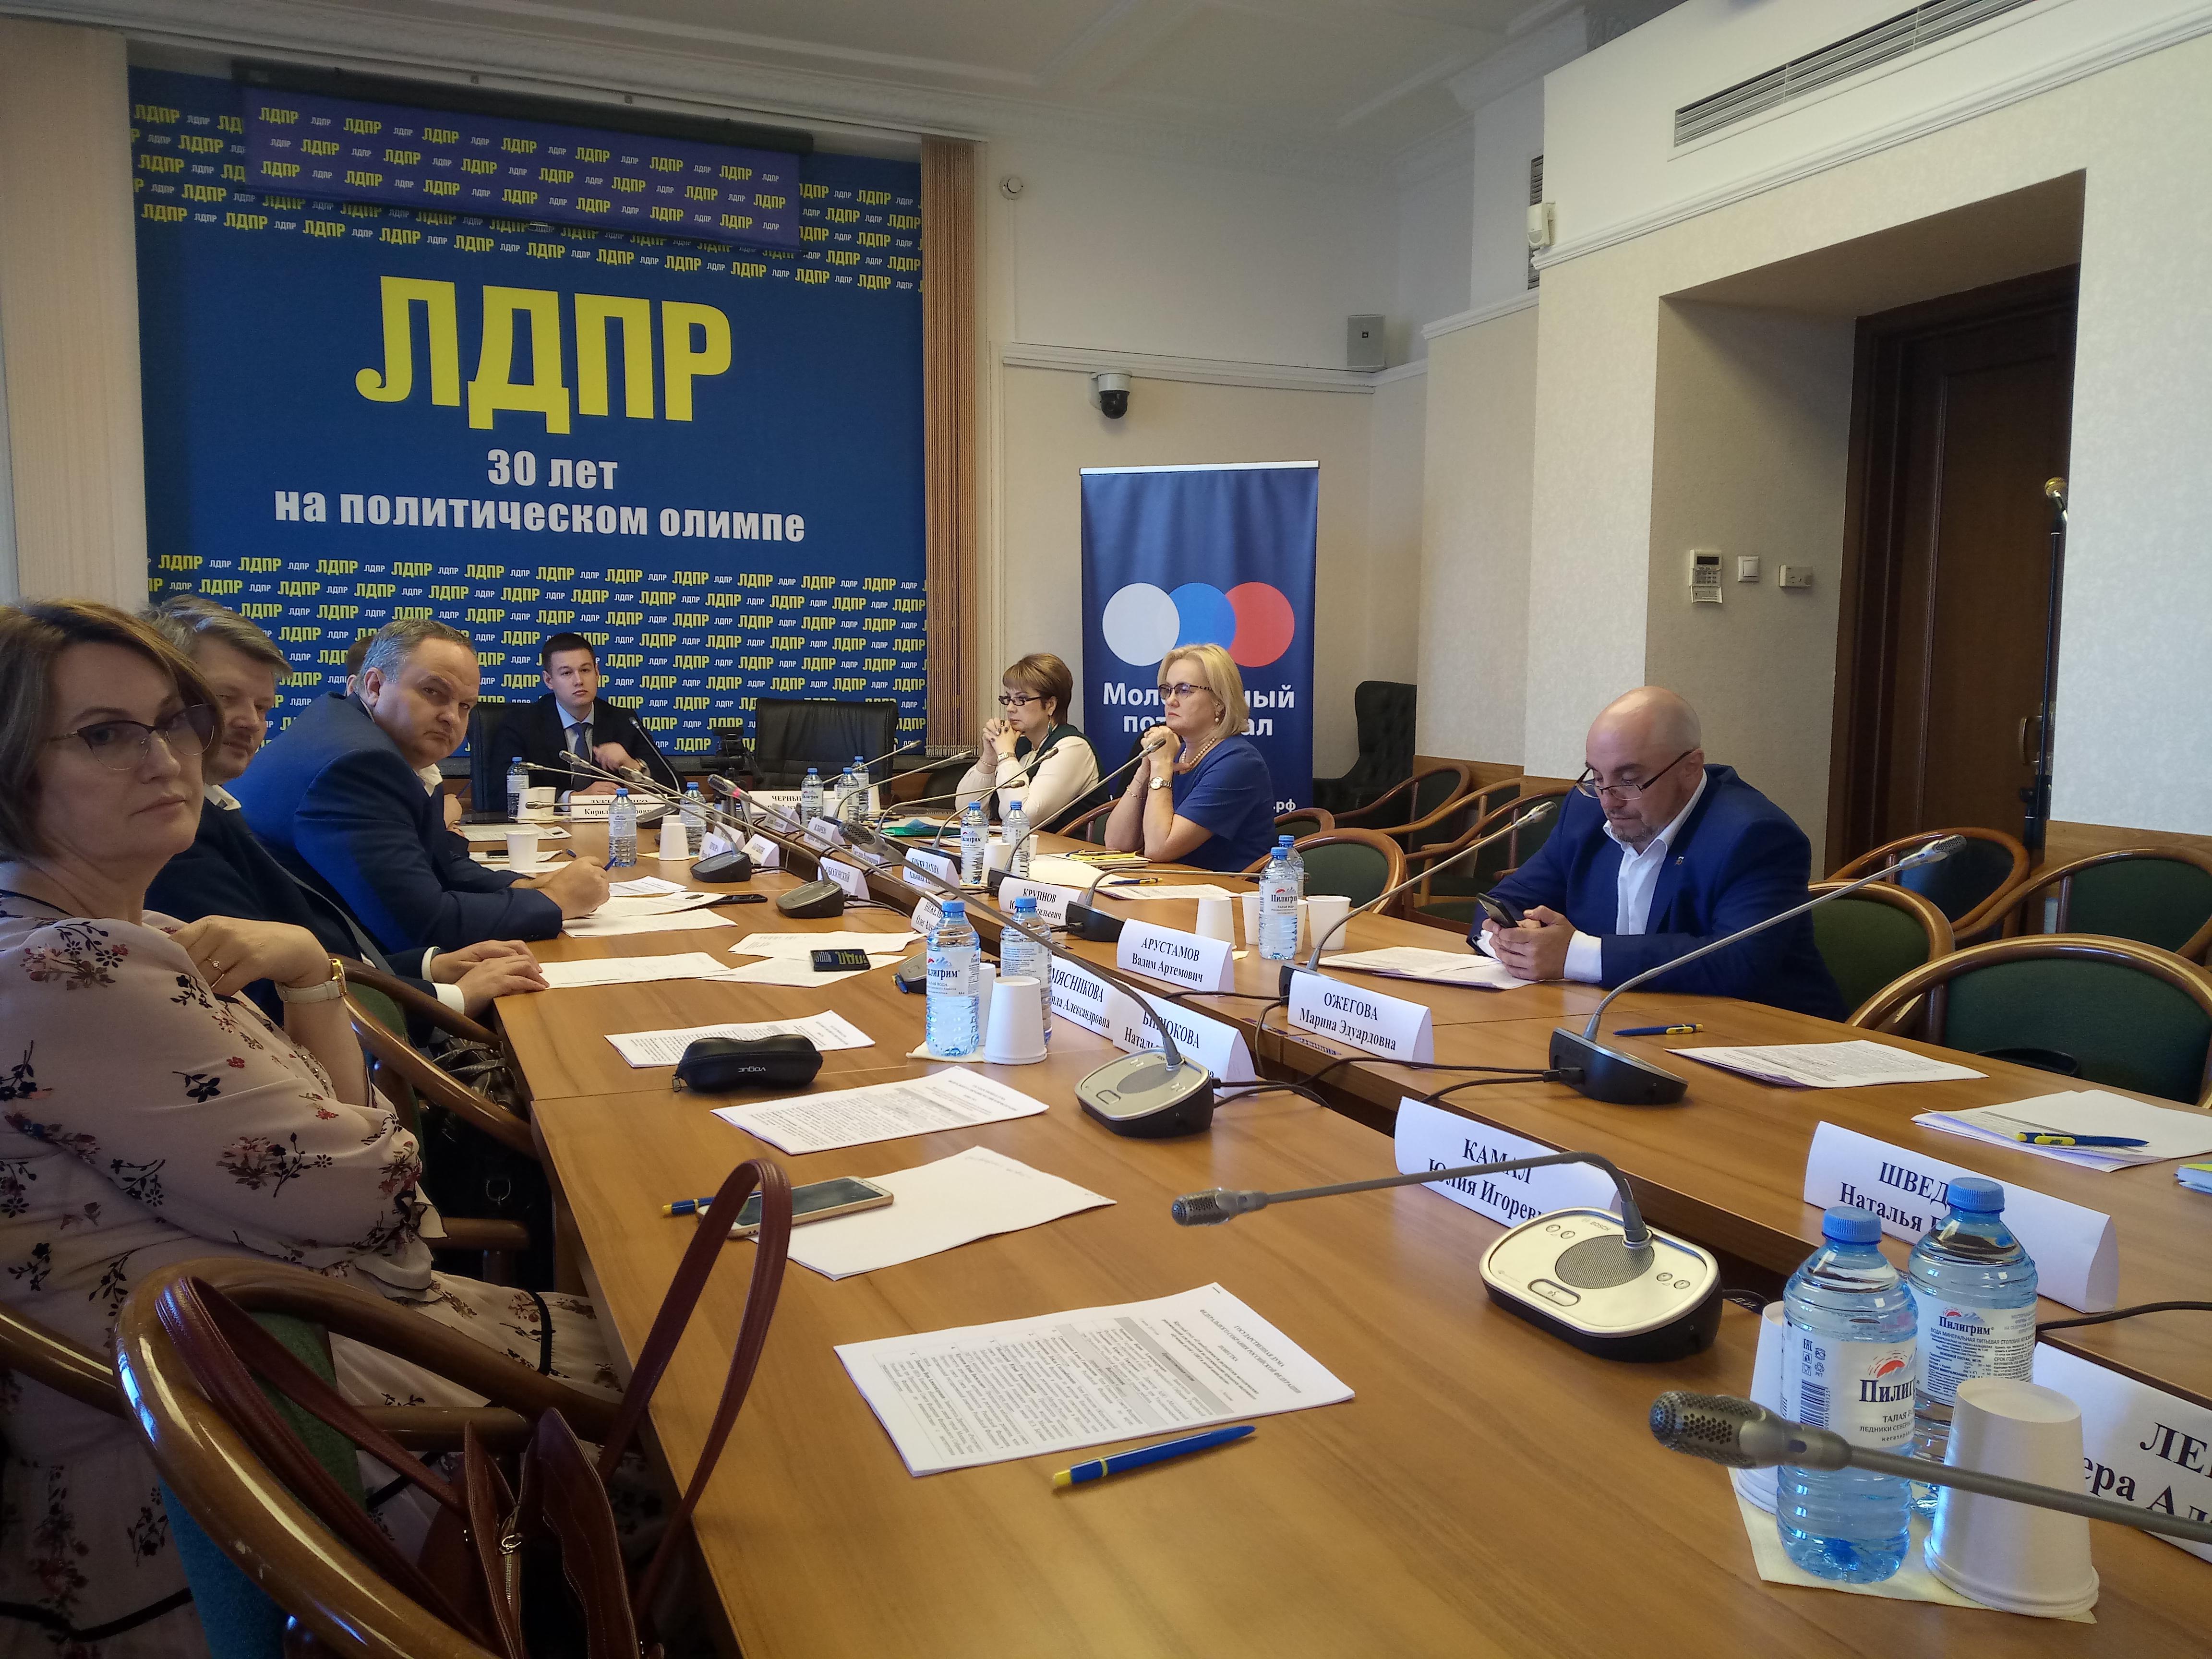 Представители АРДИП 13 июня приняли участие в заседании по разработке методических рекомендаций по надомному обучению АРДИП